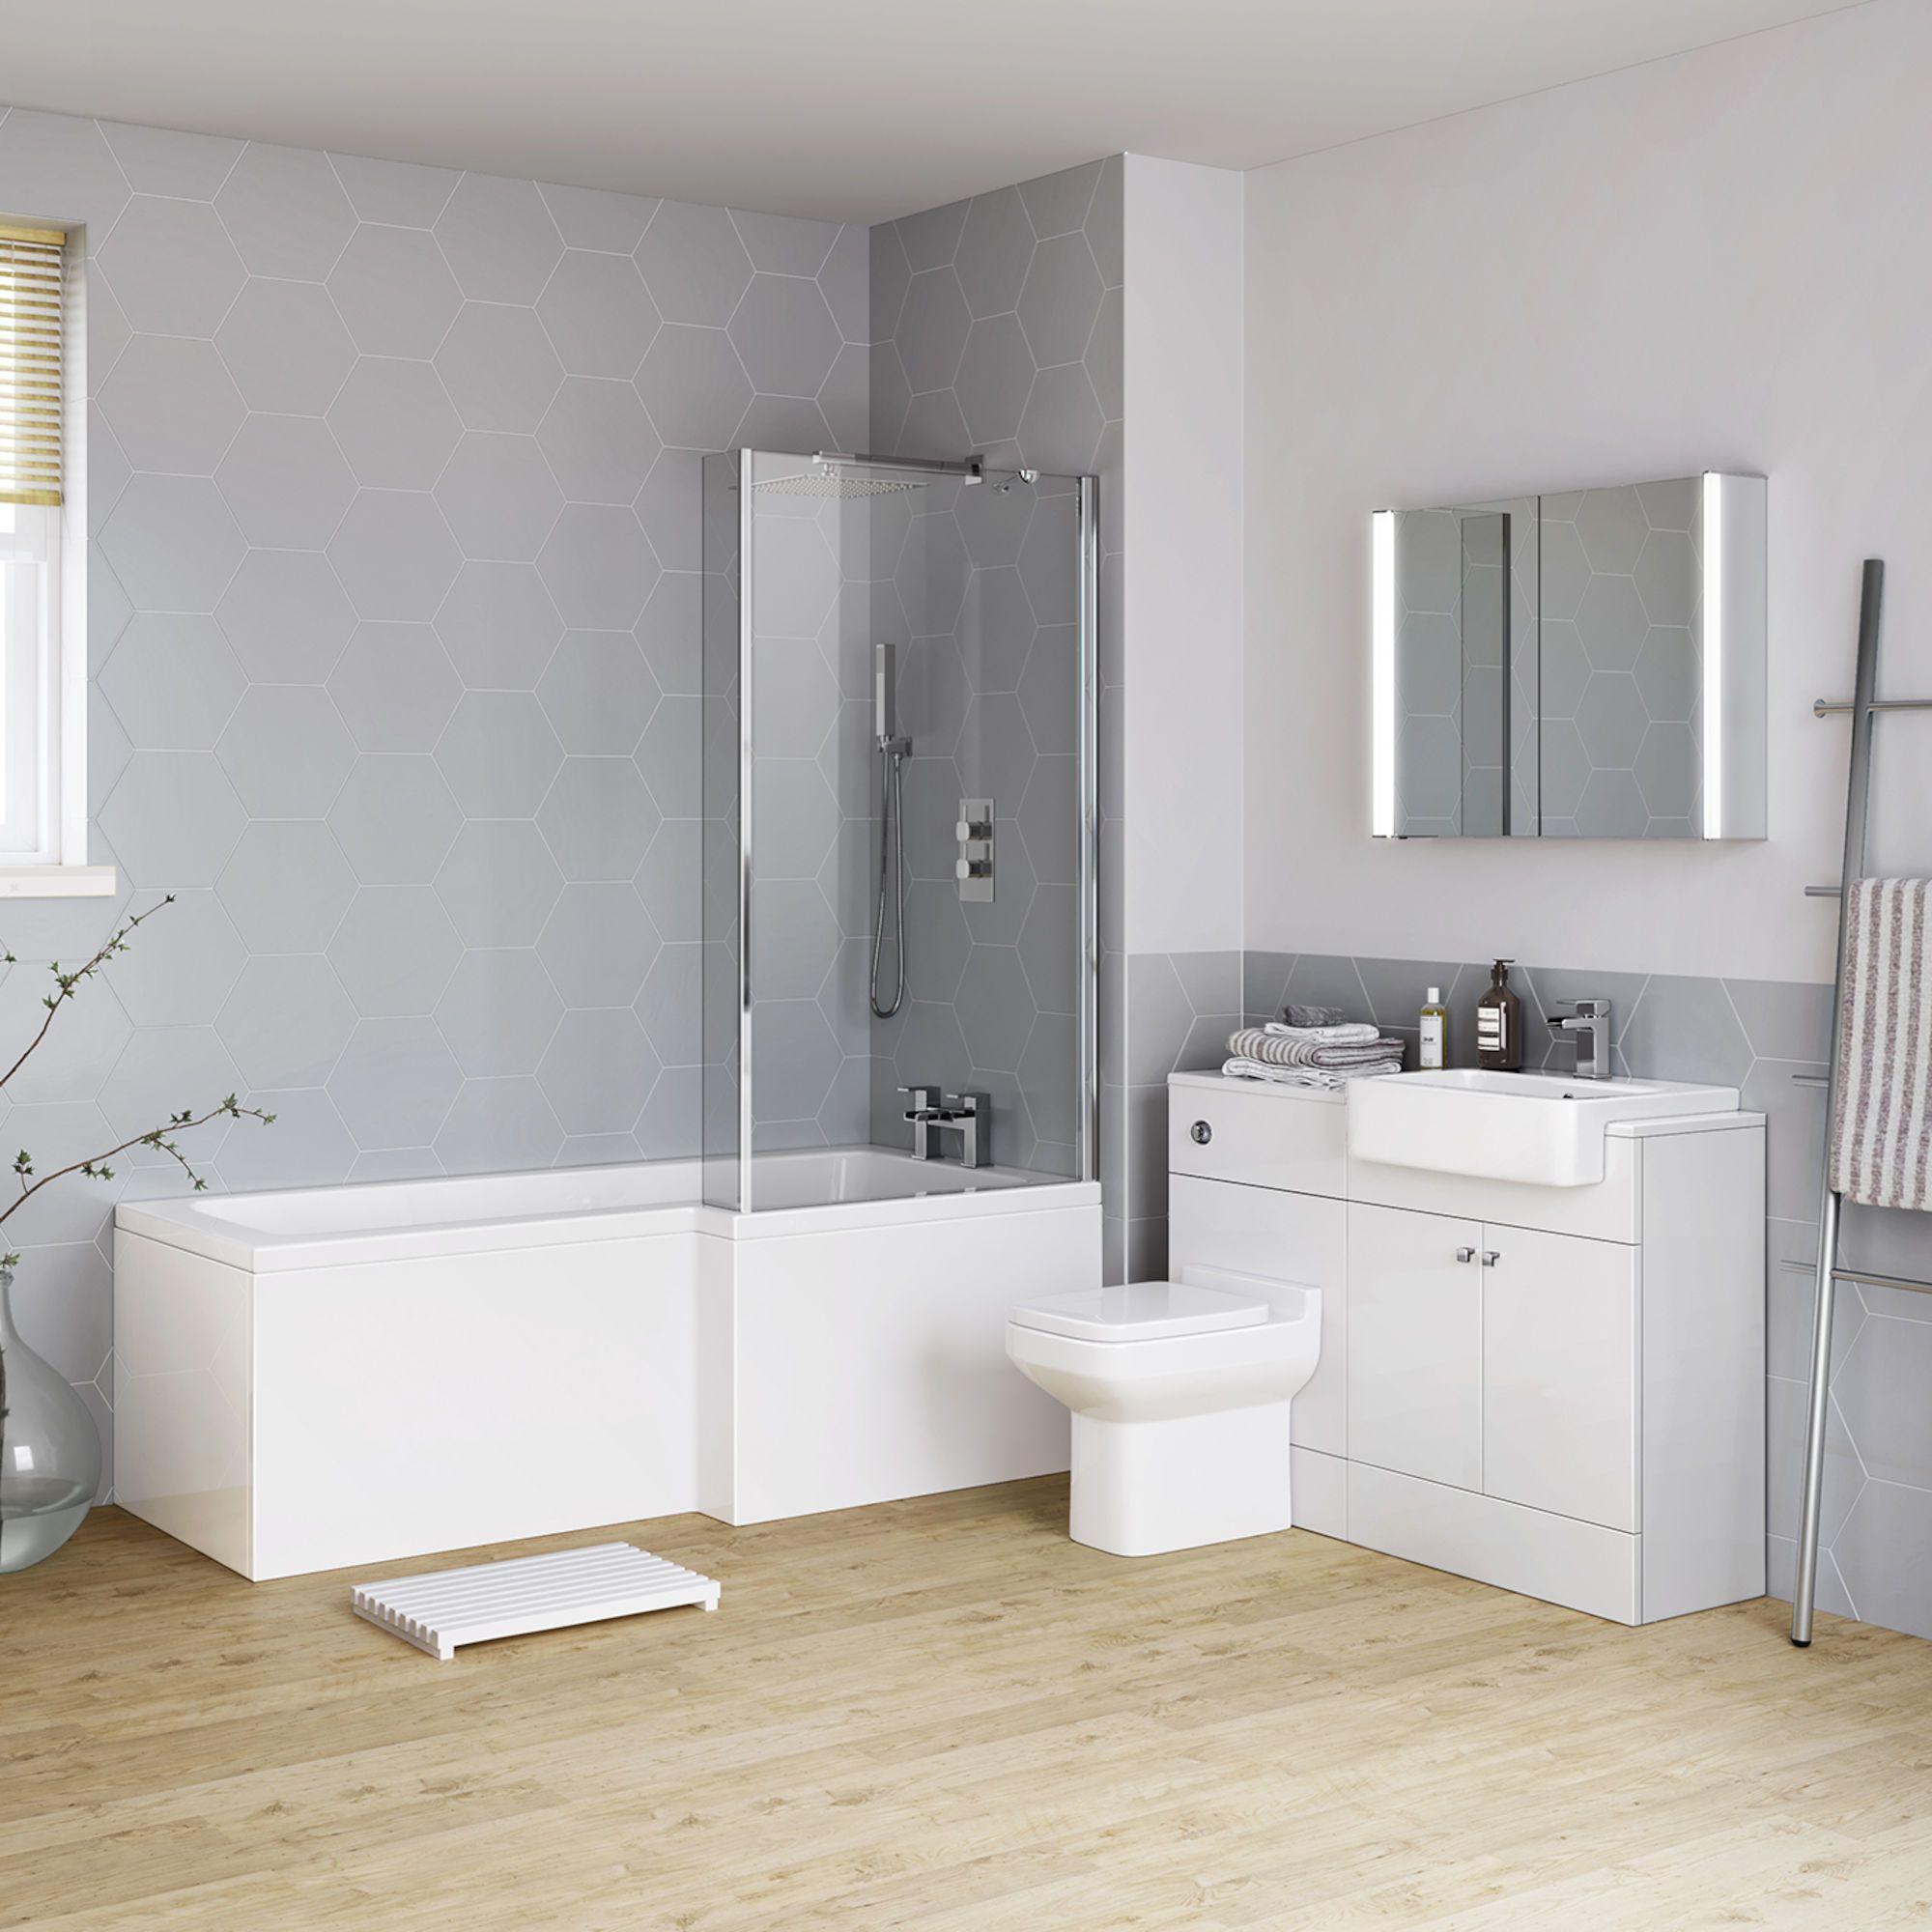 Della Bathroom Suite Simple Bathroom Designs Shower Remodel Simple Bathroom